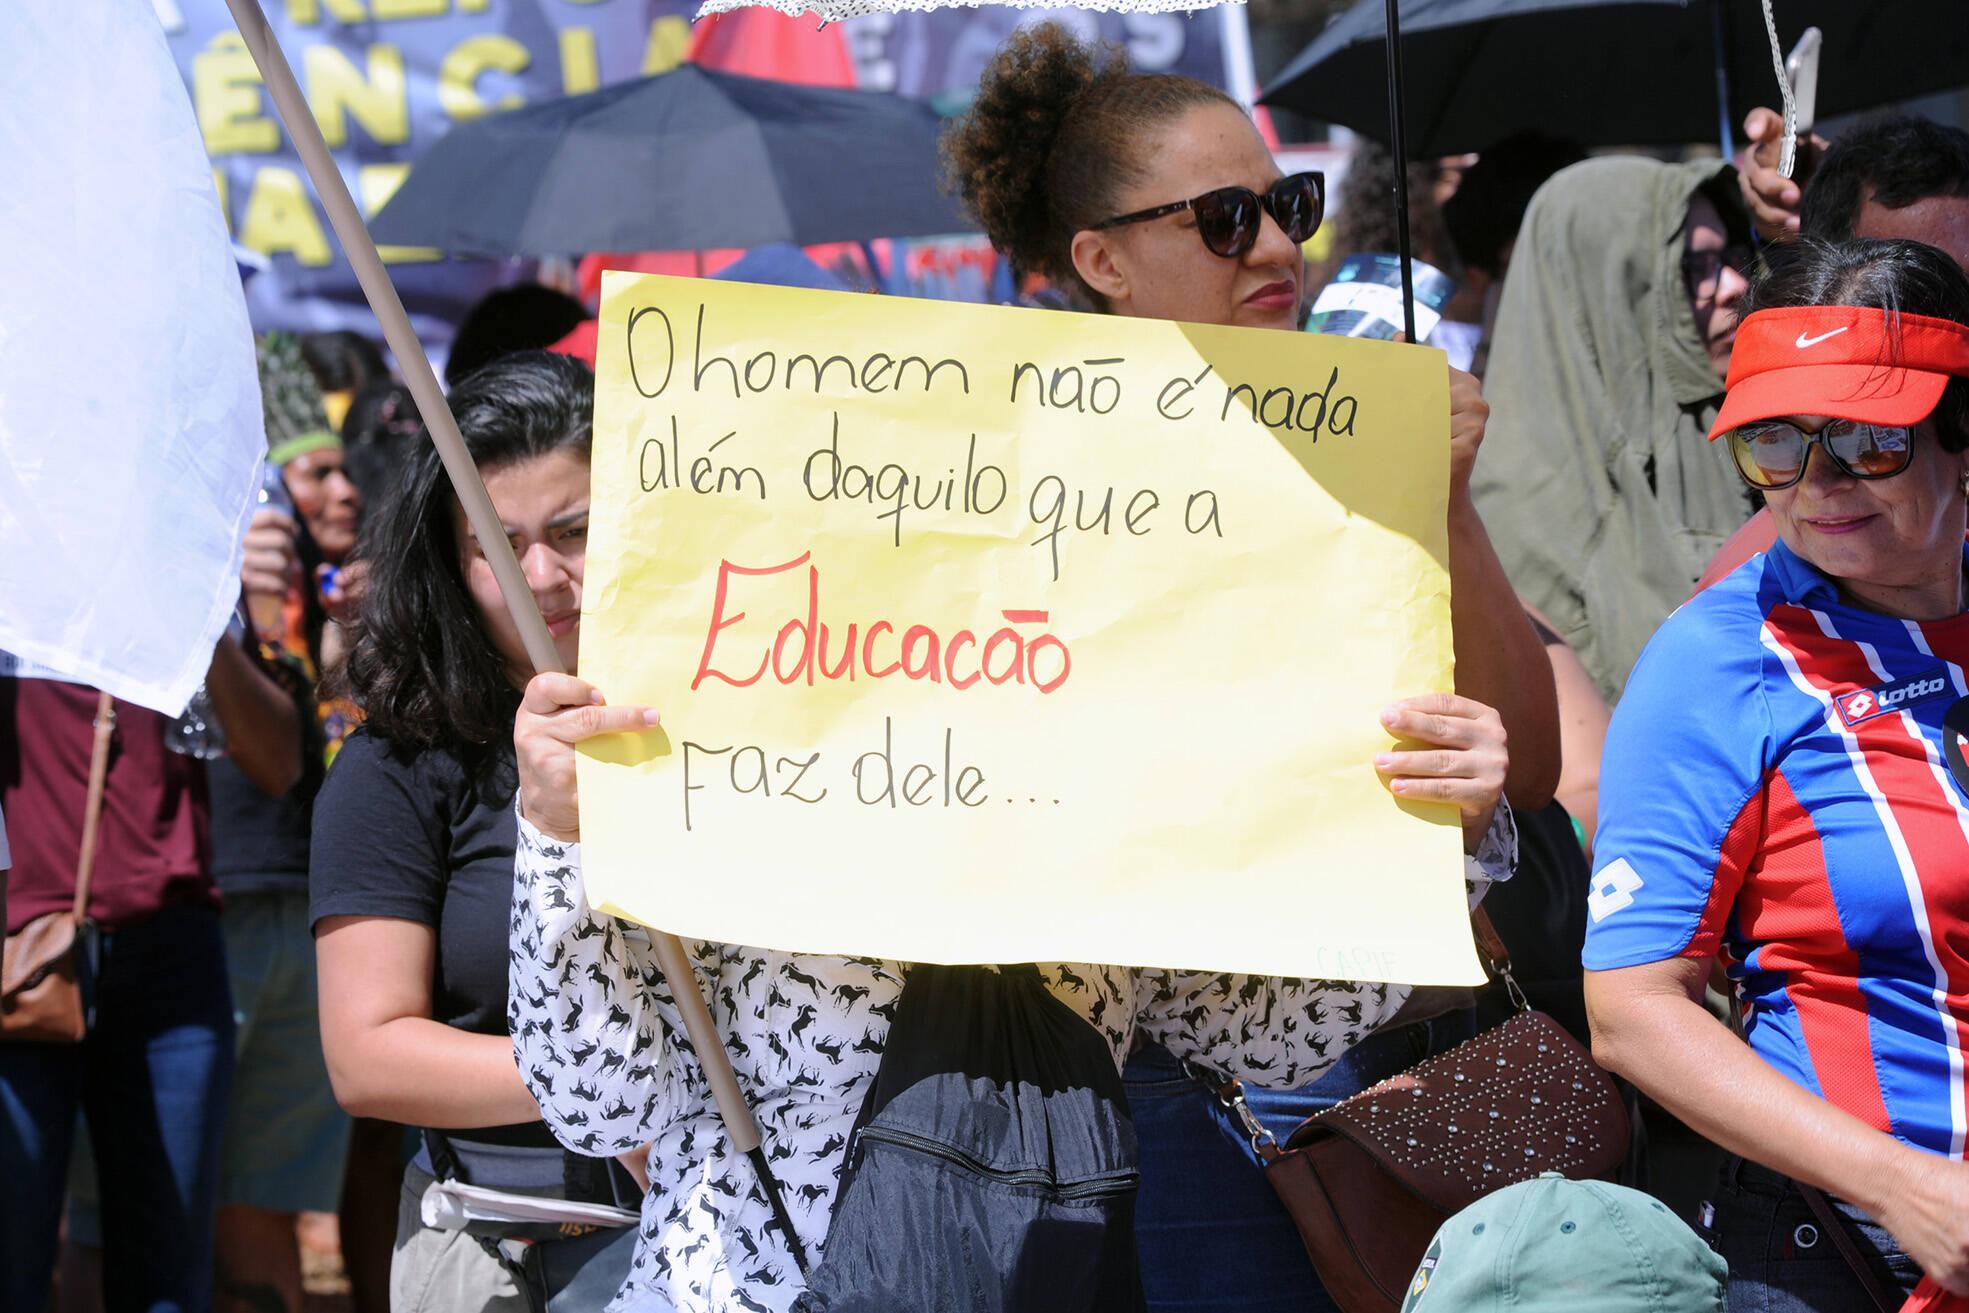 Manifestantes em Brasília. Foto: Cleia Viana/Agencia Câmara - 13.8.19